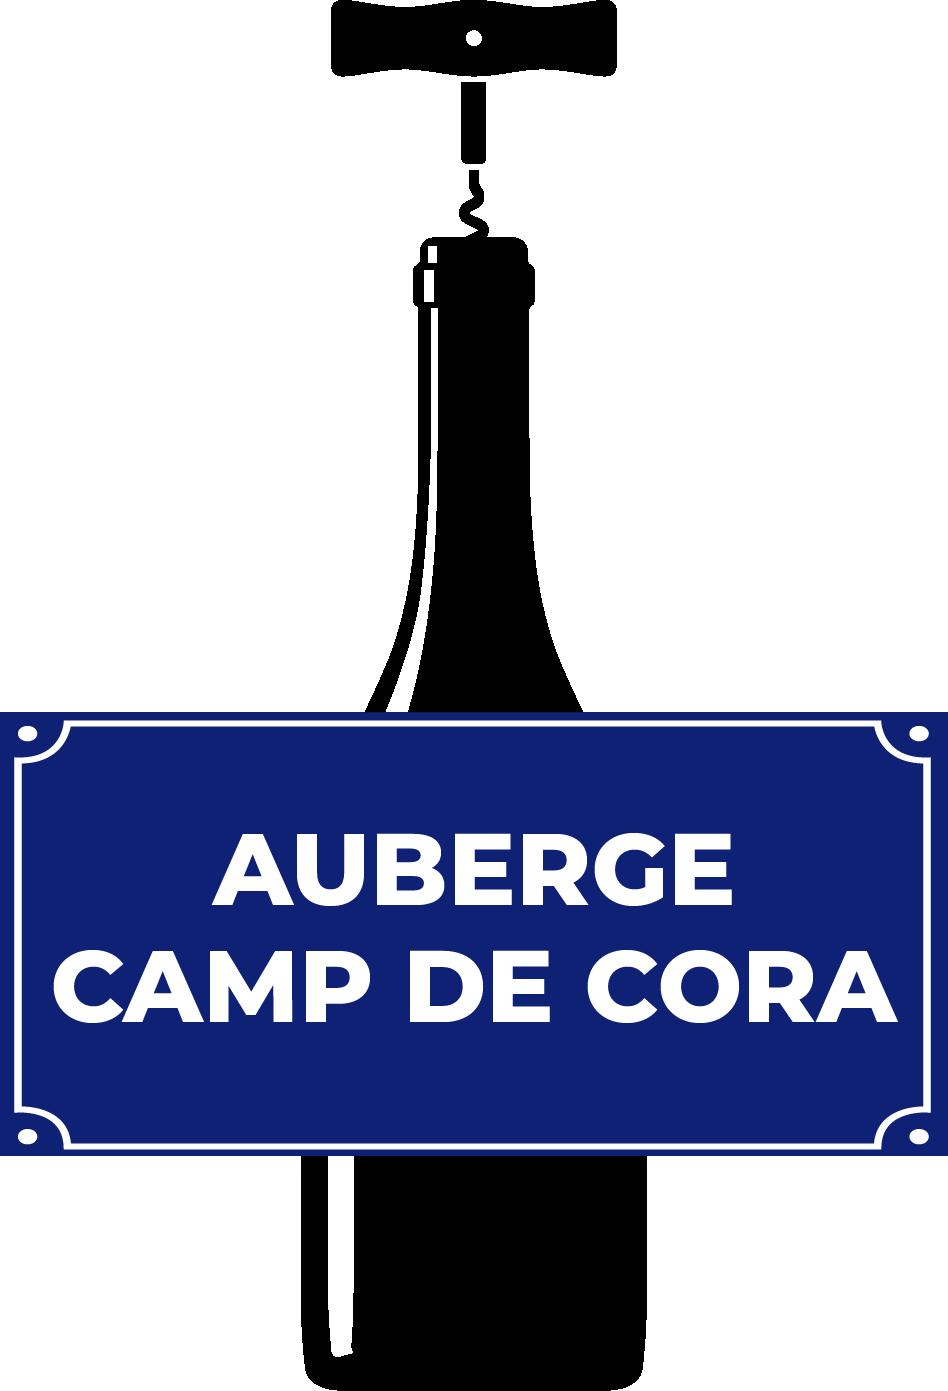 Auberge Camp de Cora